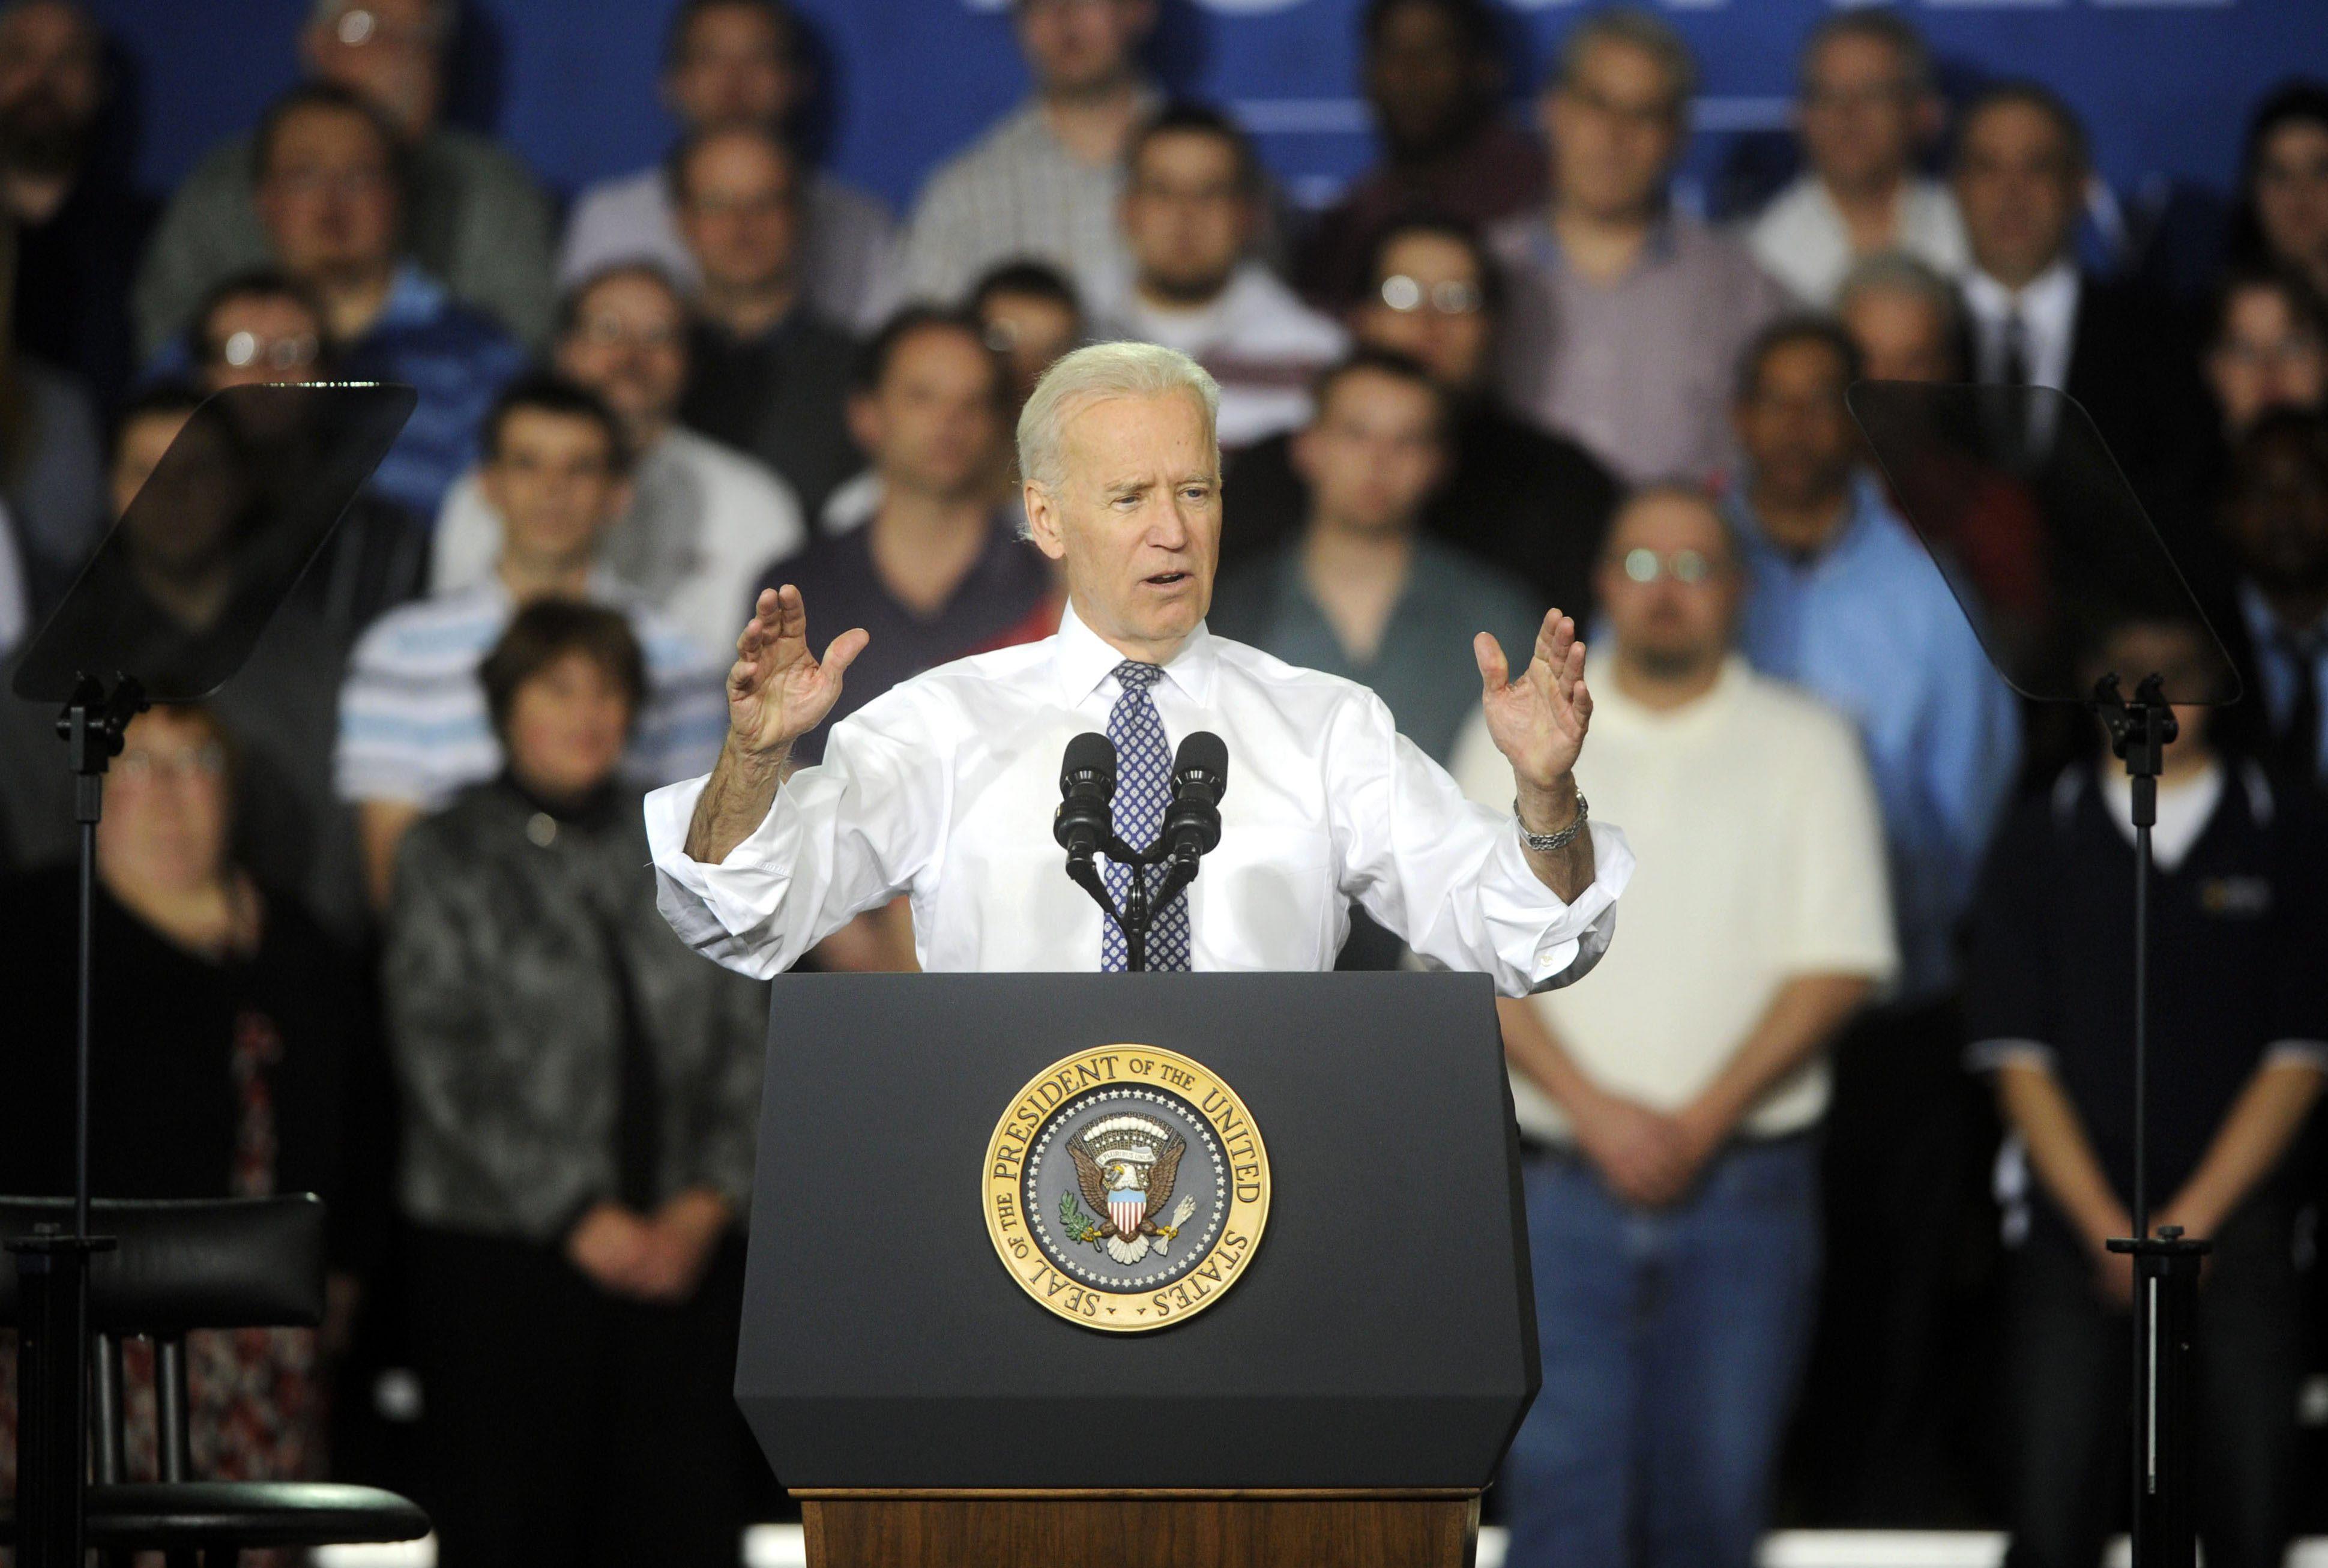 Biden llega a Ucrania para respaldar a Kiev frente a las milicias prorrusas